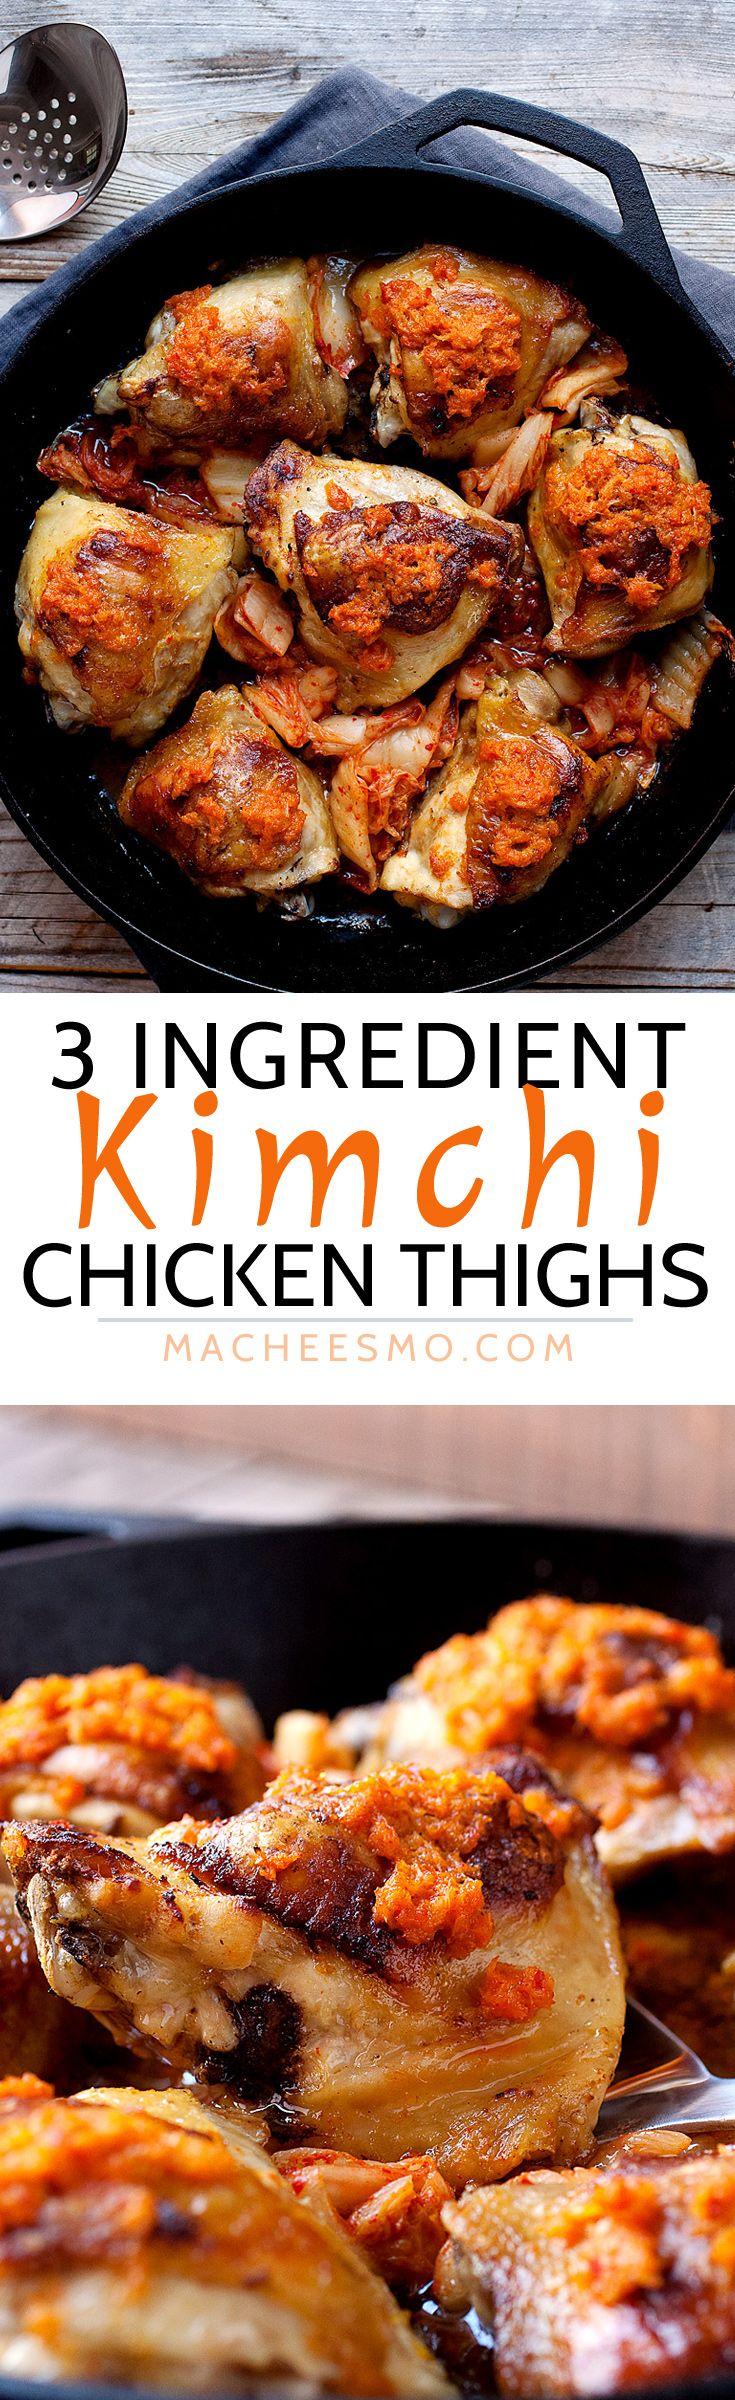 Kimchi Chicken Thighs